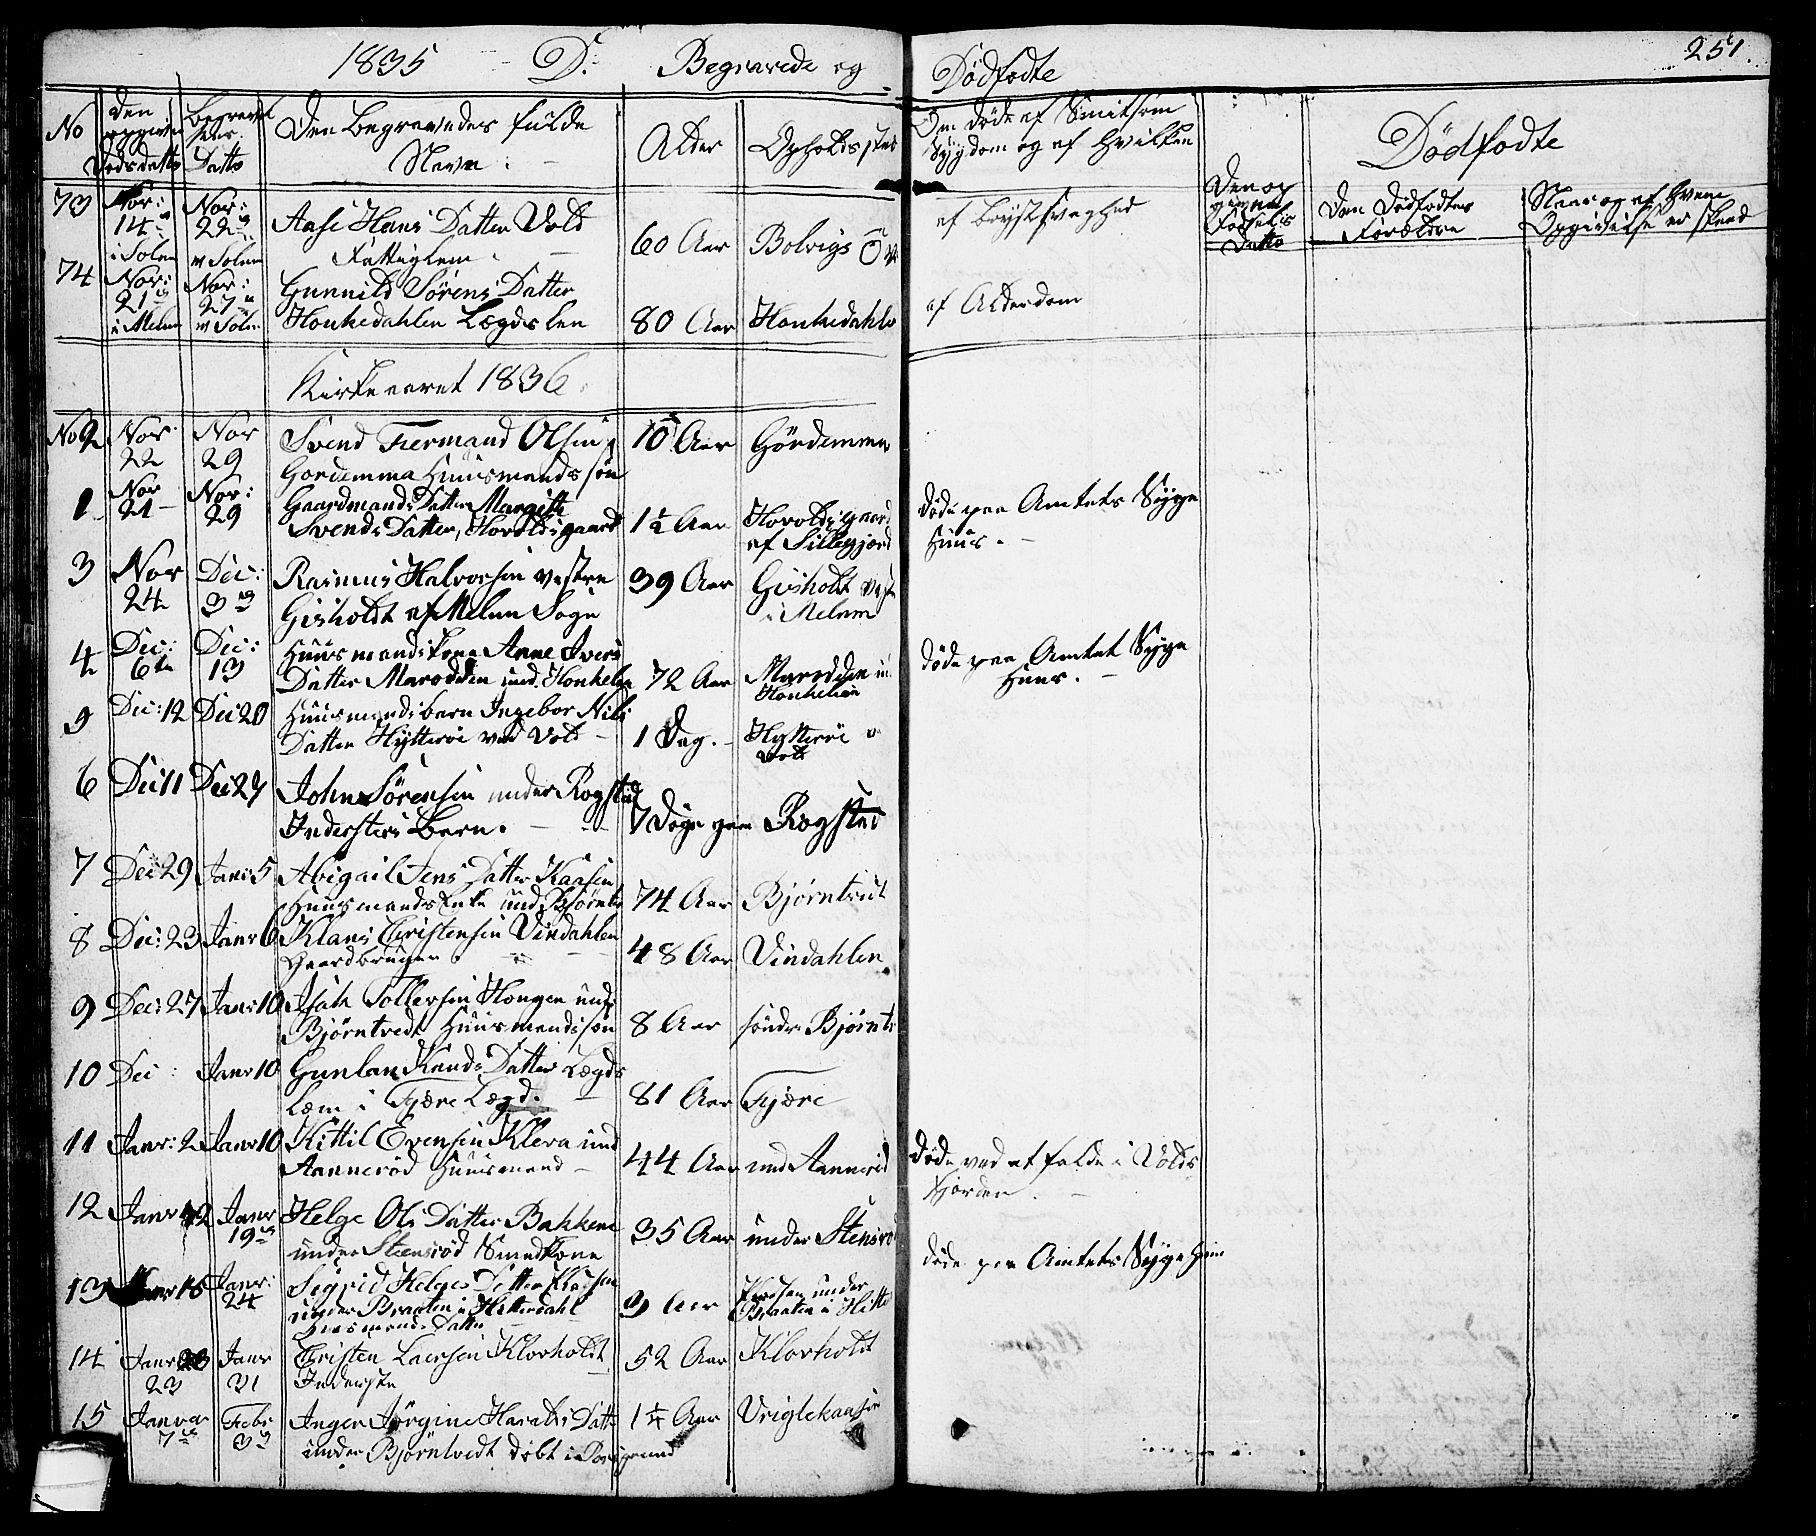 SAKO, Solum kirkebøker, G/Ga/L0002: Klokkerbok nr. I 2, 1834-1848, s. 251